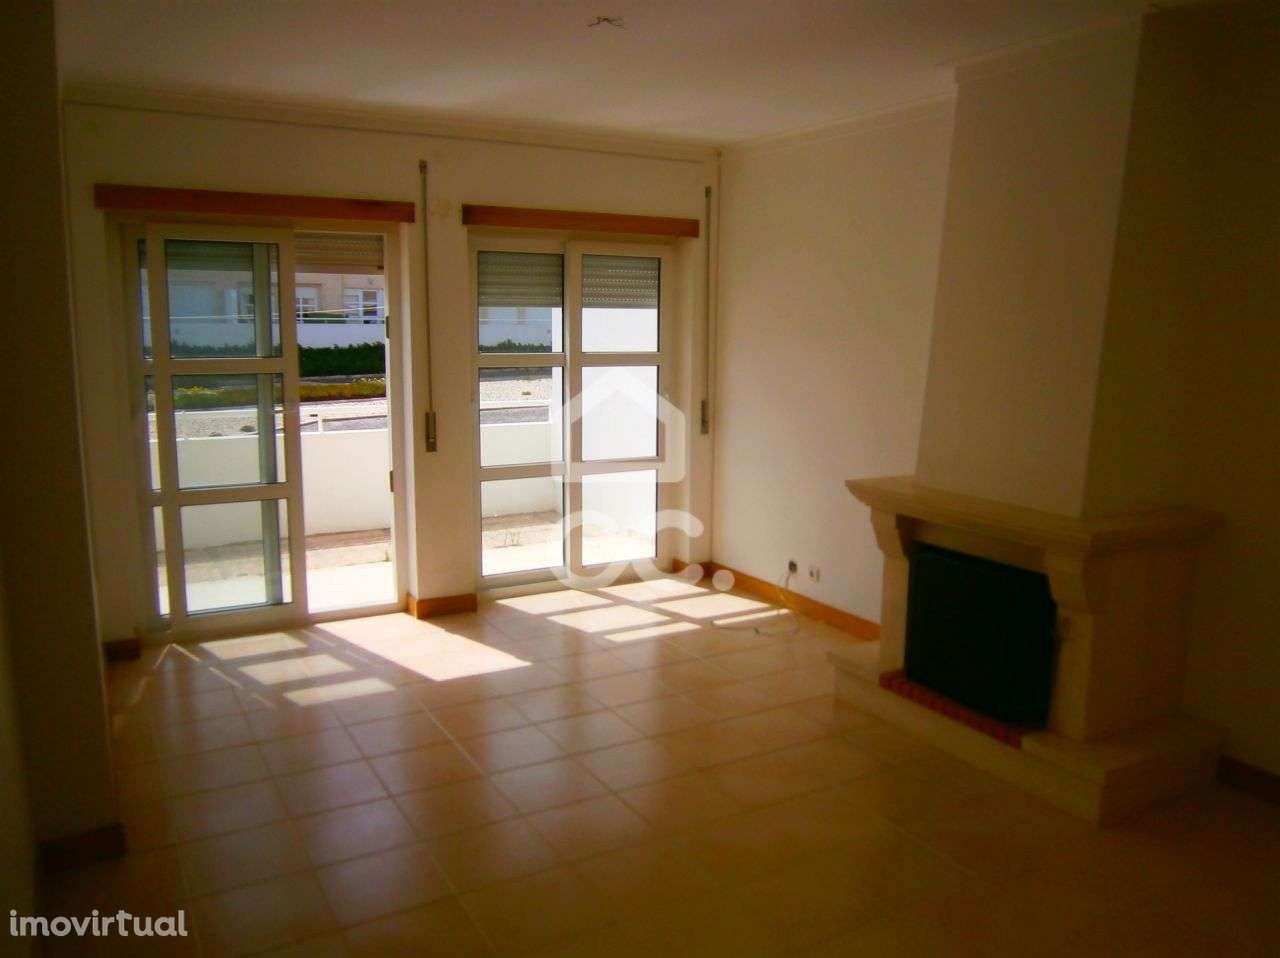 Apartamento para comprar, Ferrel, Leiria - Foto 1